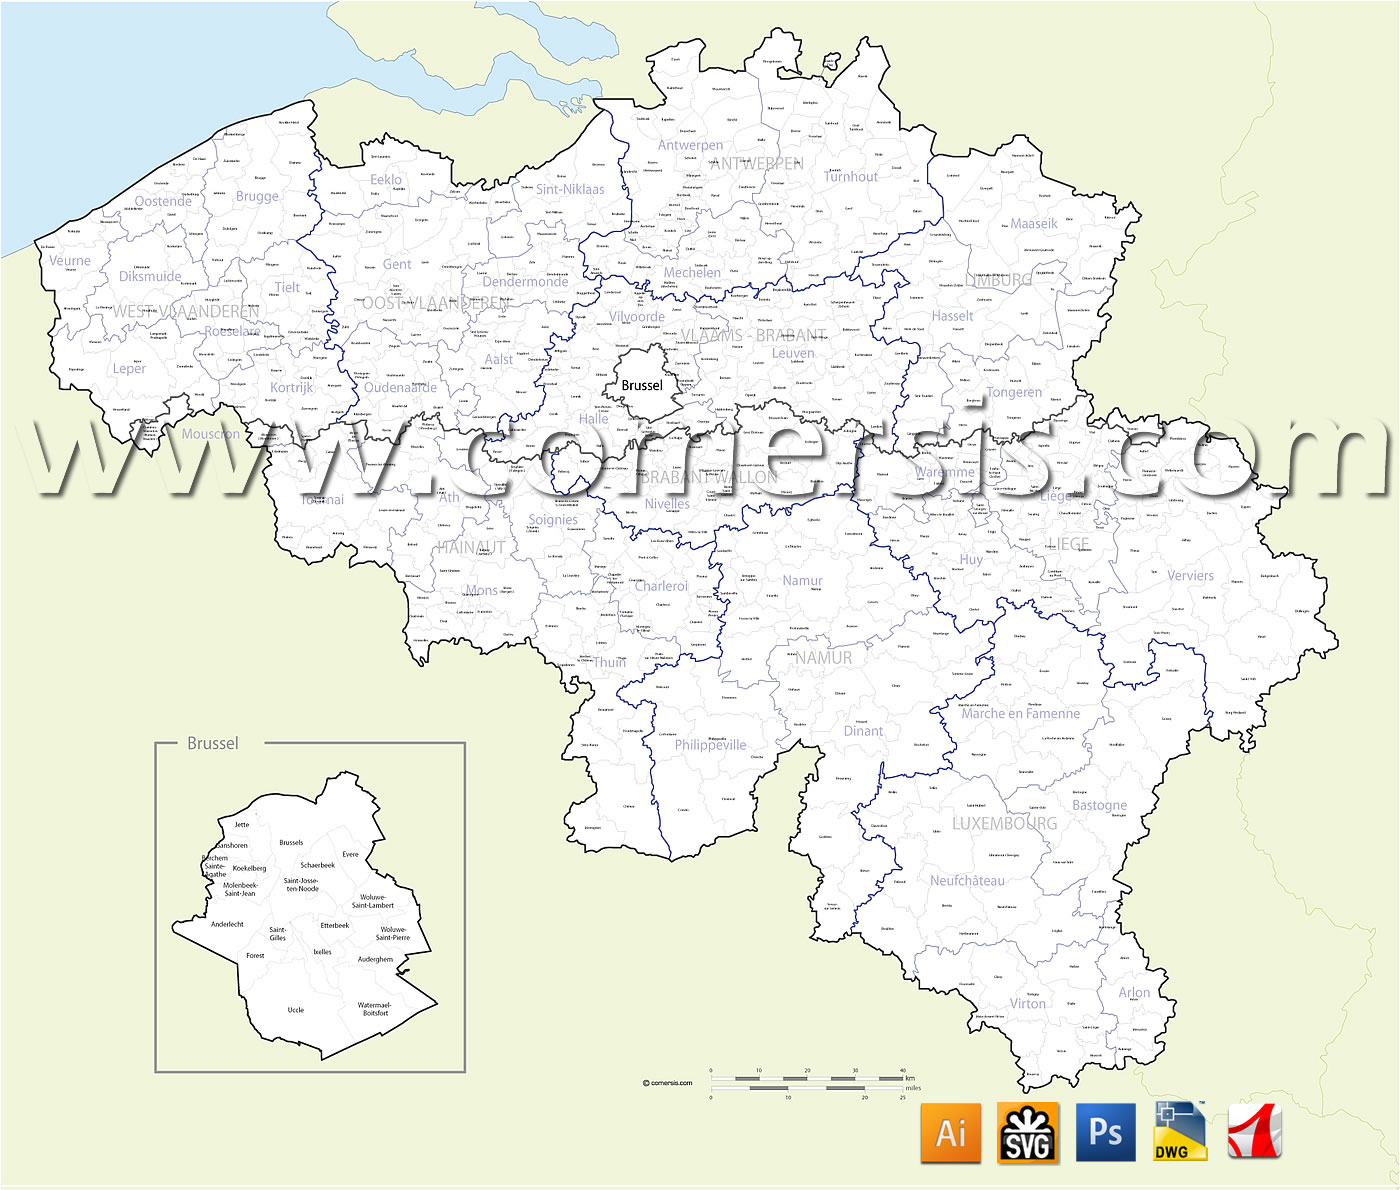 des communes de Belgique avec noms